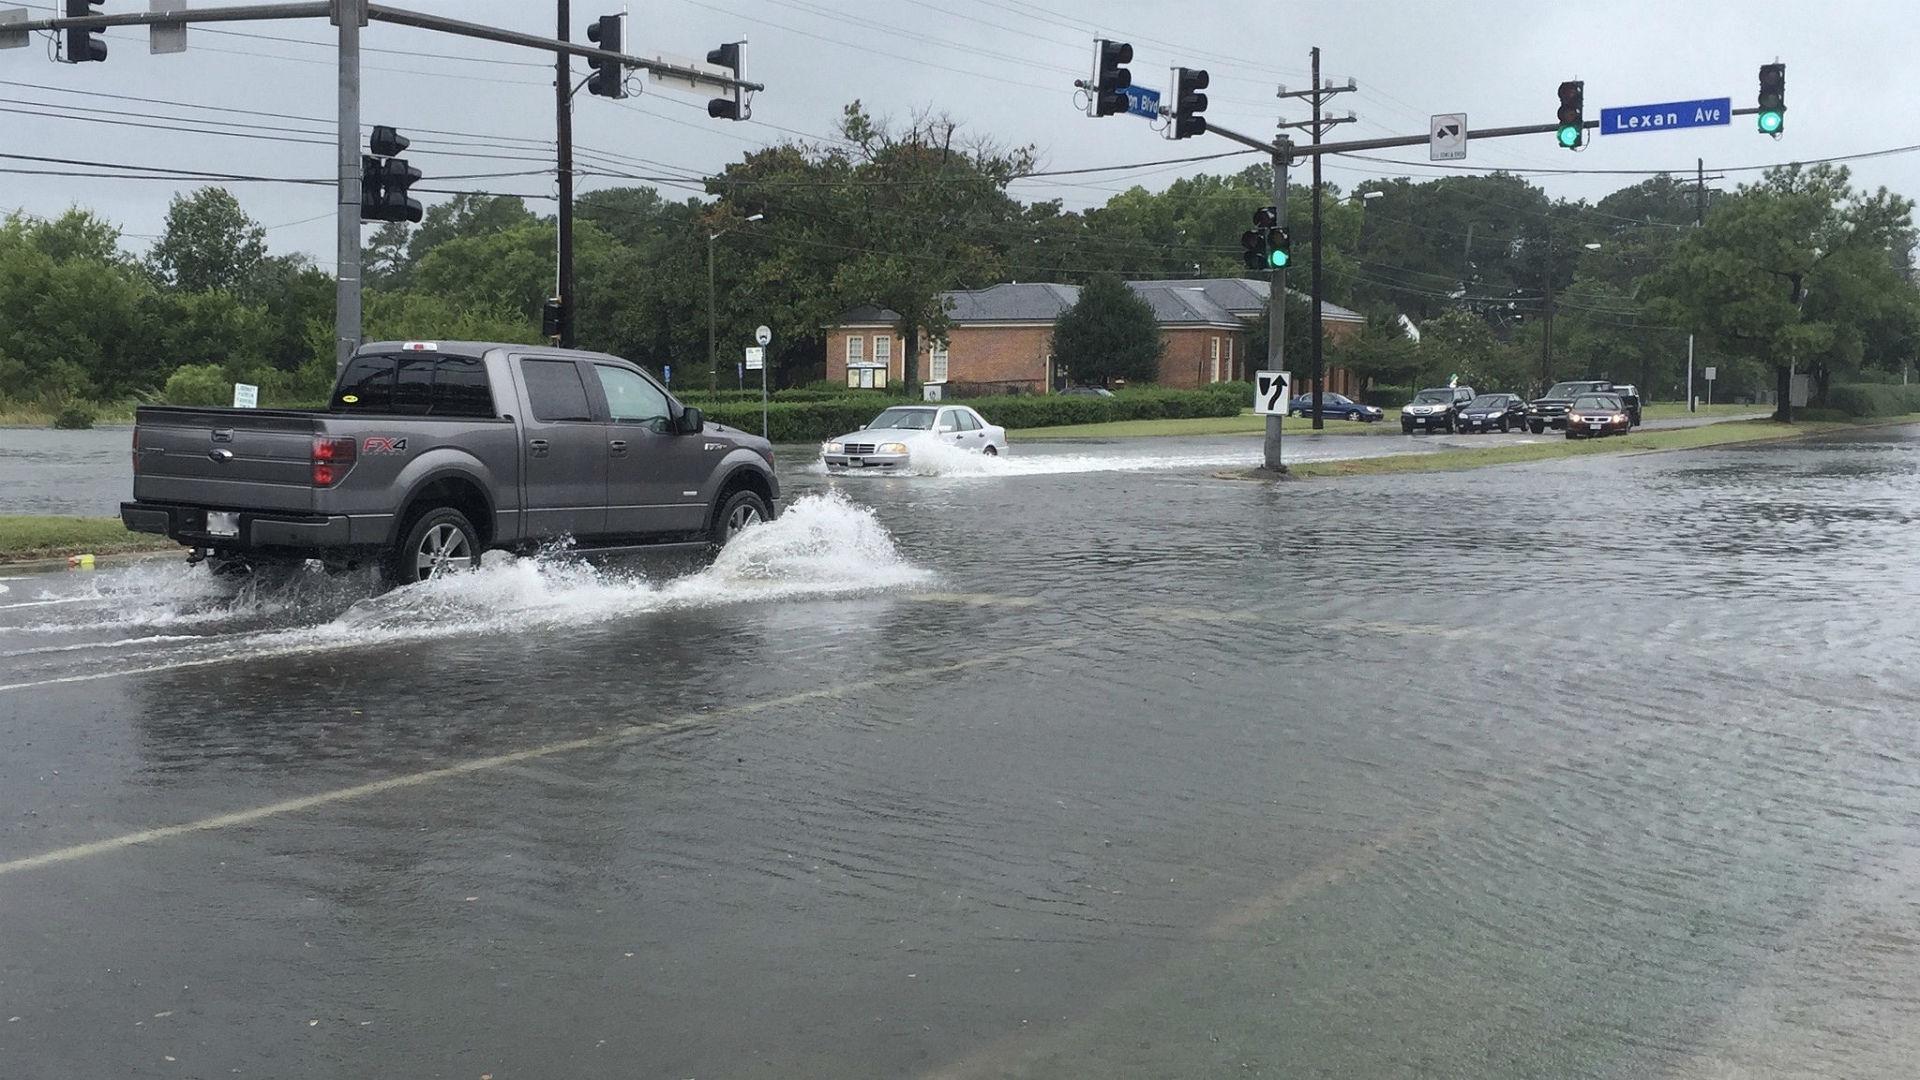 Flooded street in Virginia